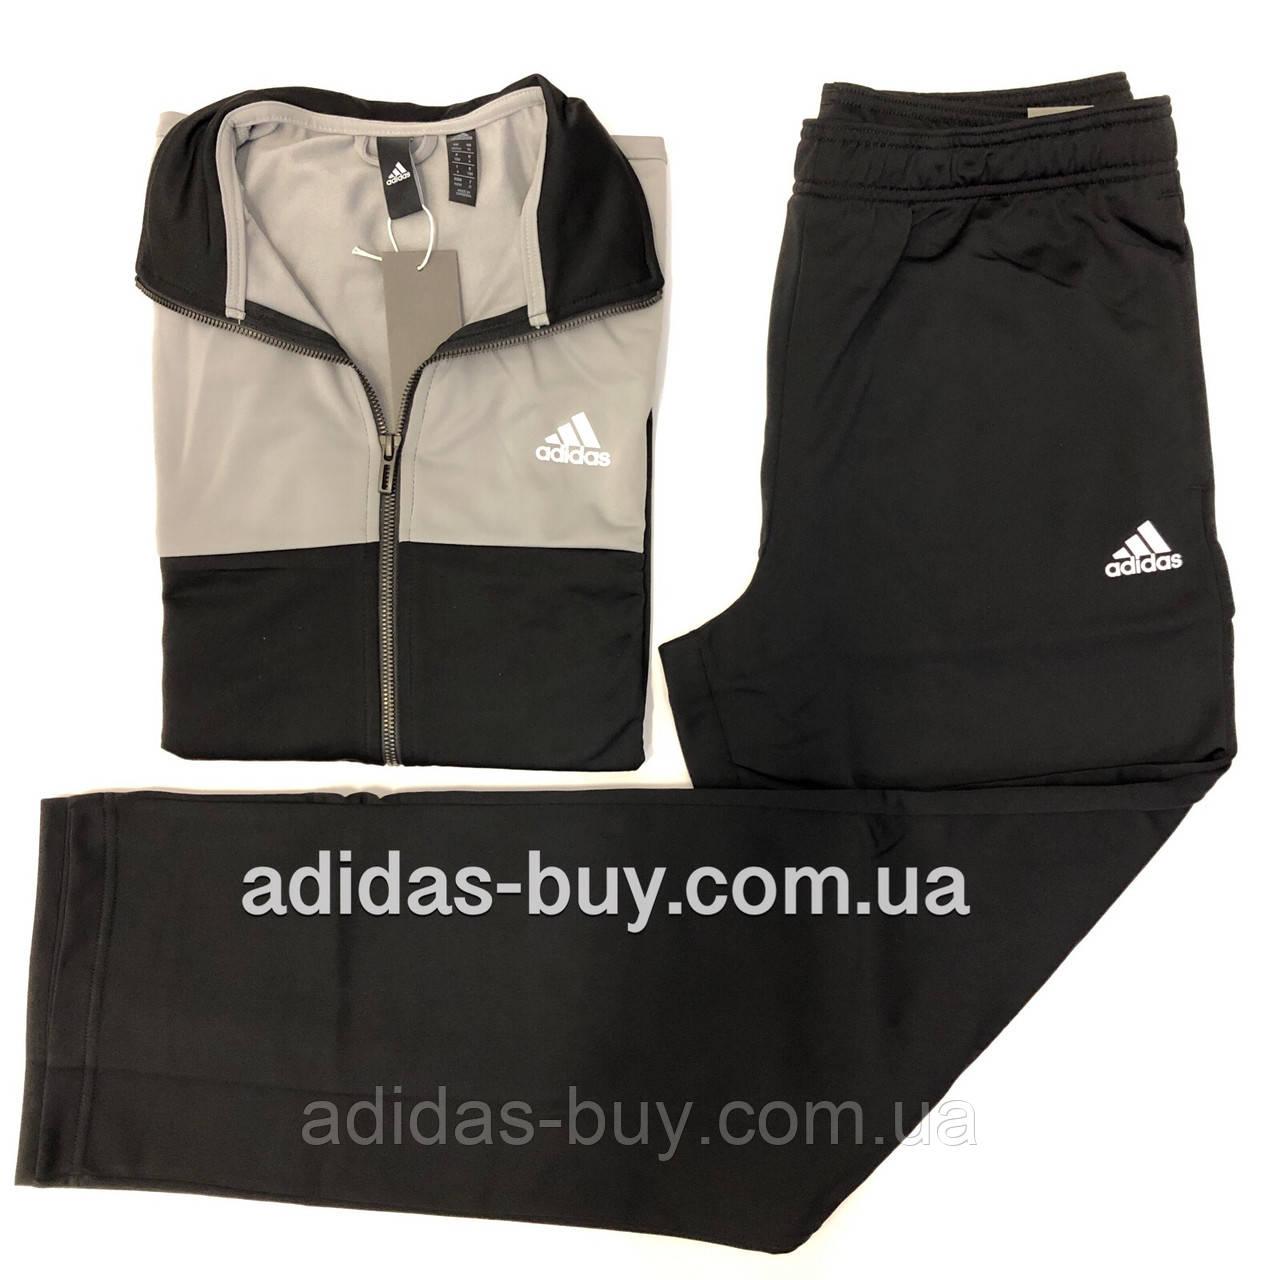 Спортивный костюм мужской adidas BACK2BASICS TS CF1615 цвет: черный/серый